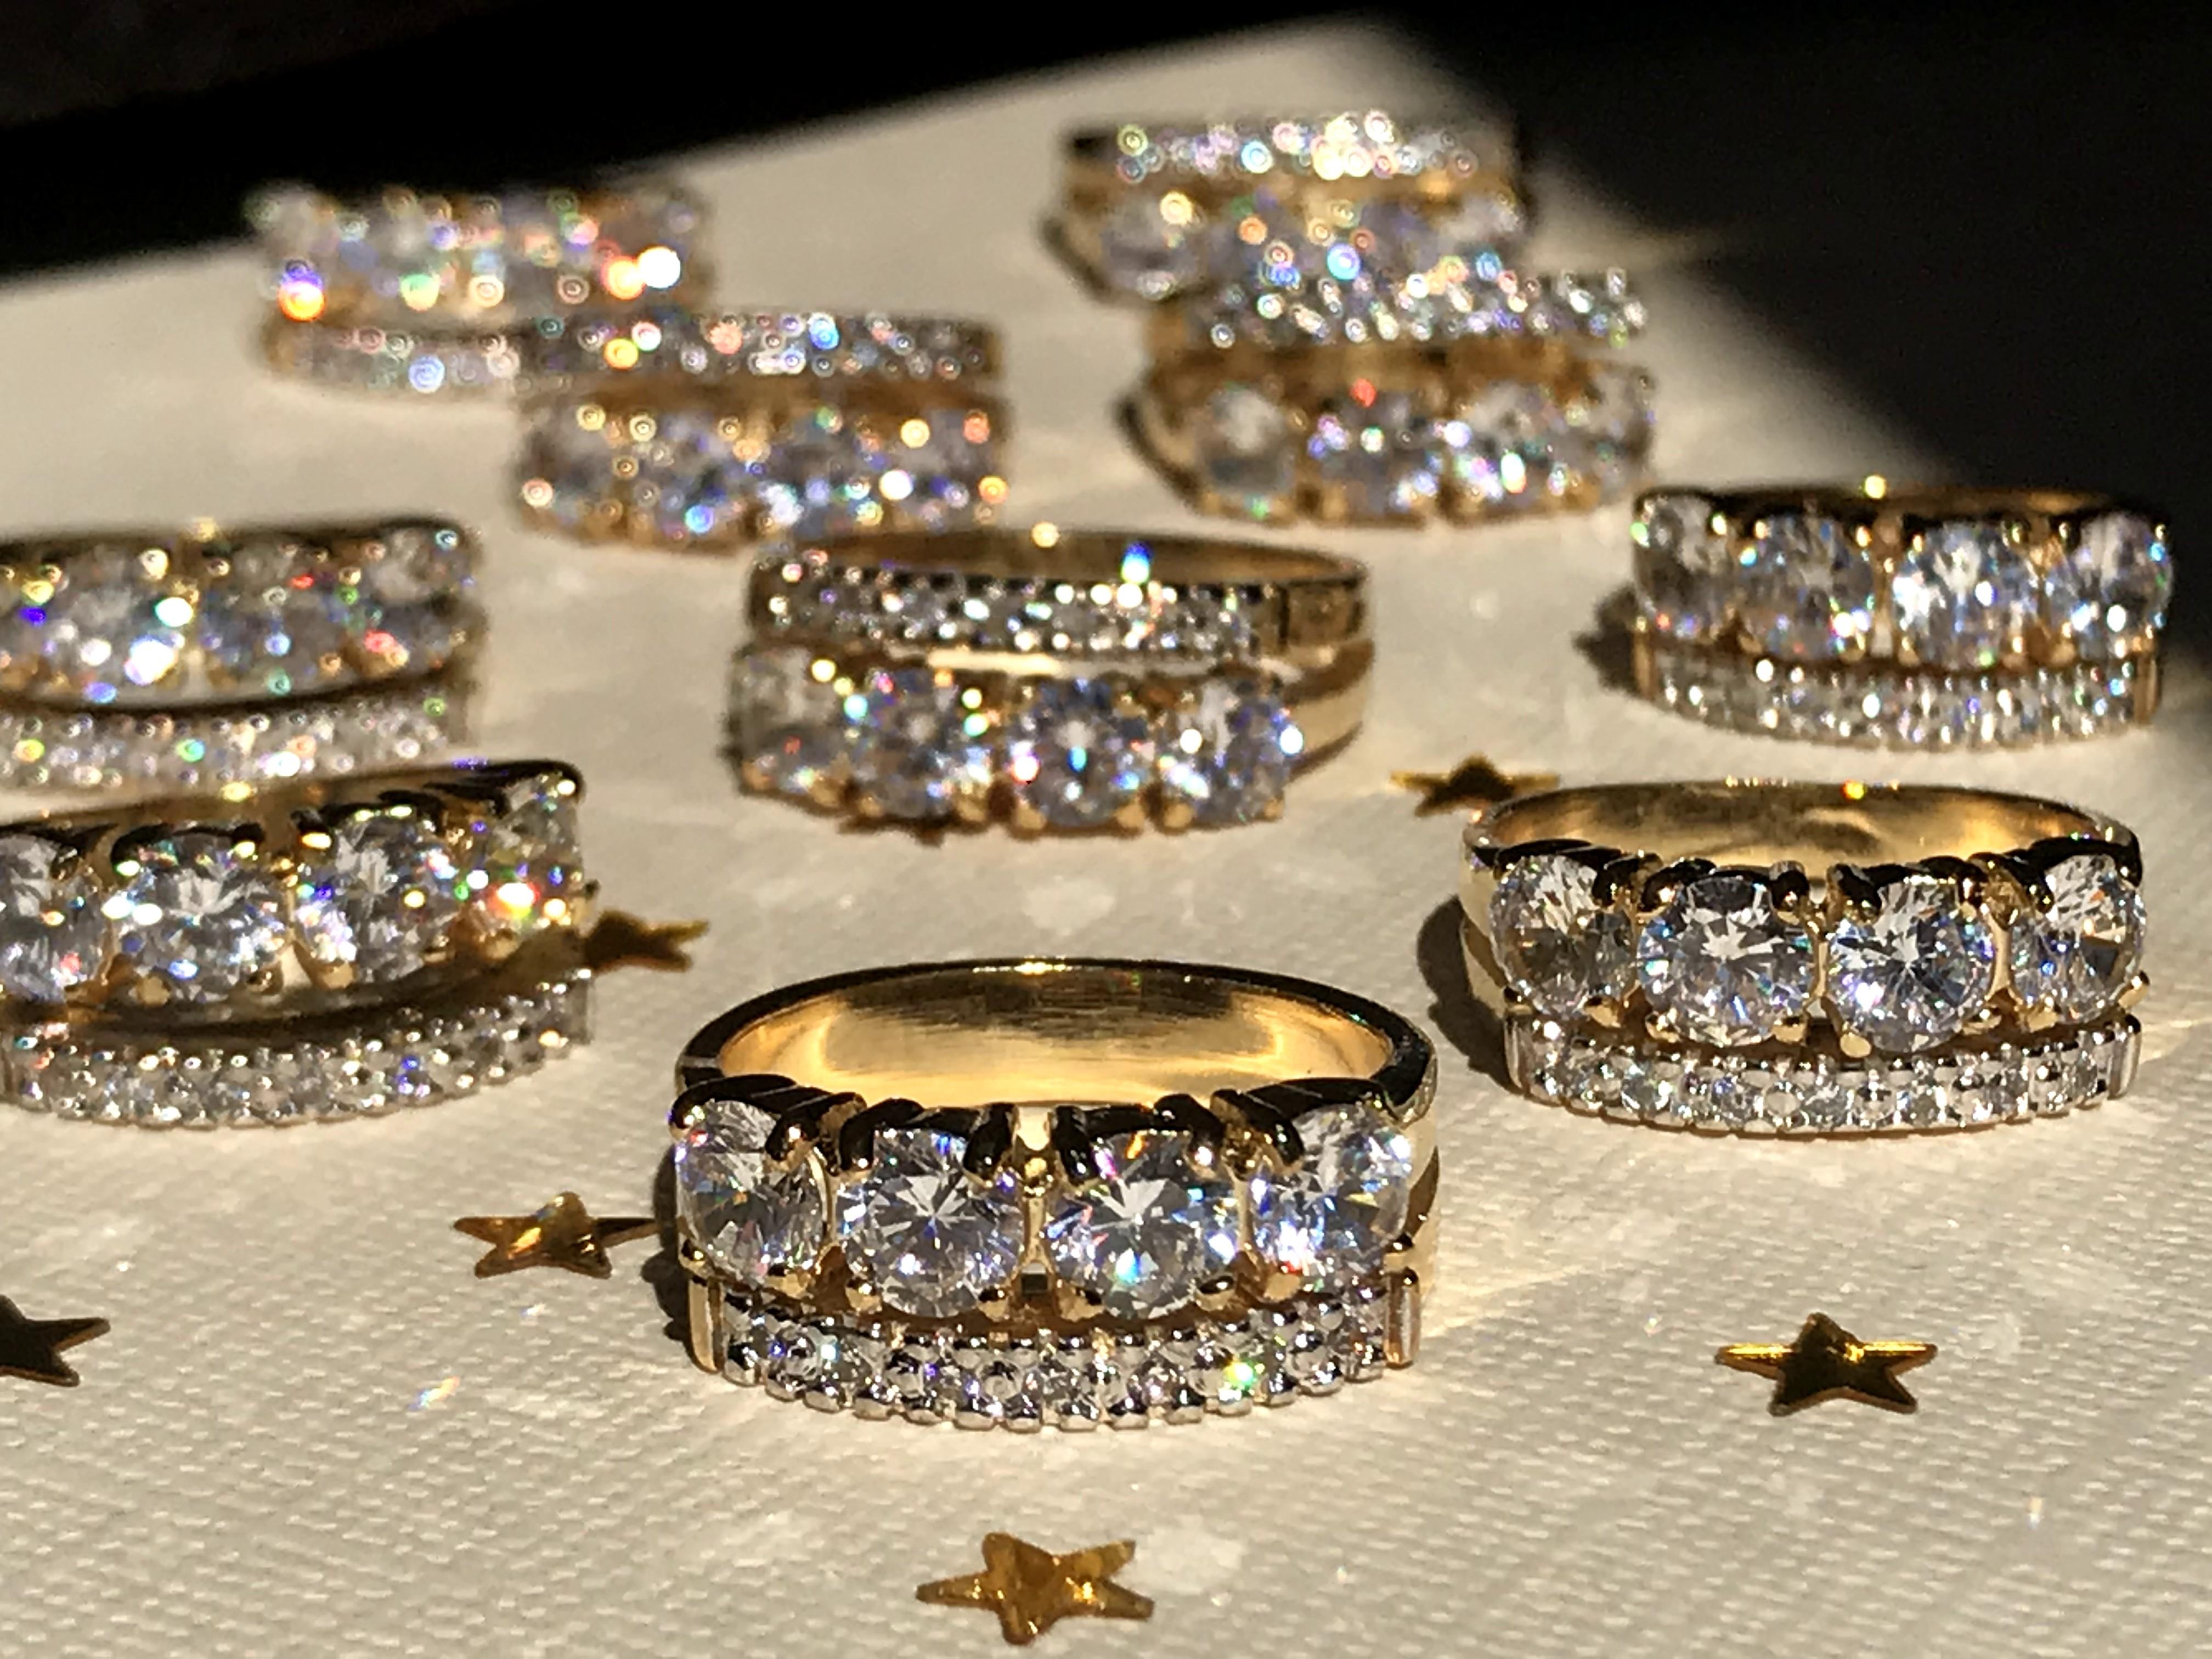 Guia de Tamanho para anéis, pulseiras e colares. Conheça e acerte na compra.